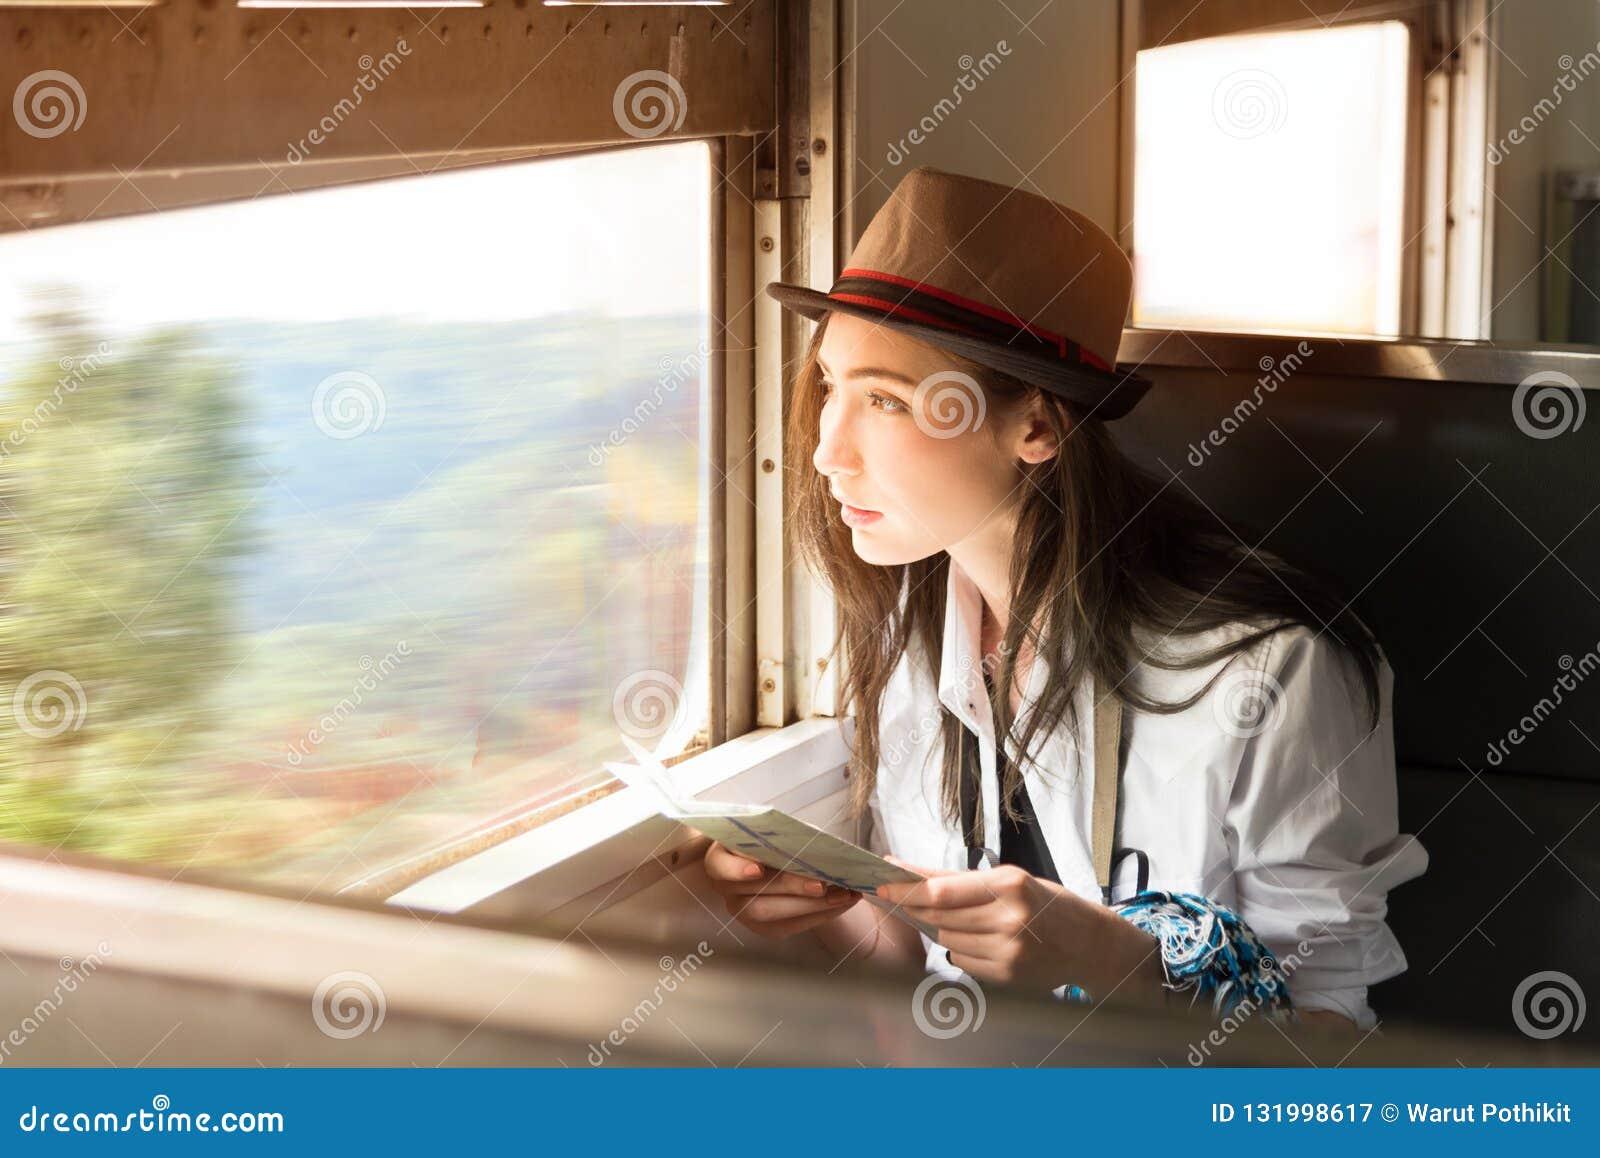 De jonge vrouw van Azië backpacker reist haar reis door trein, reis